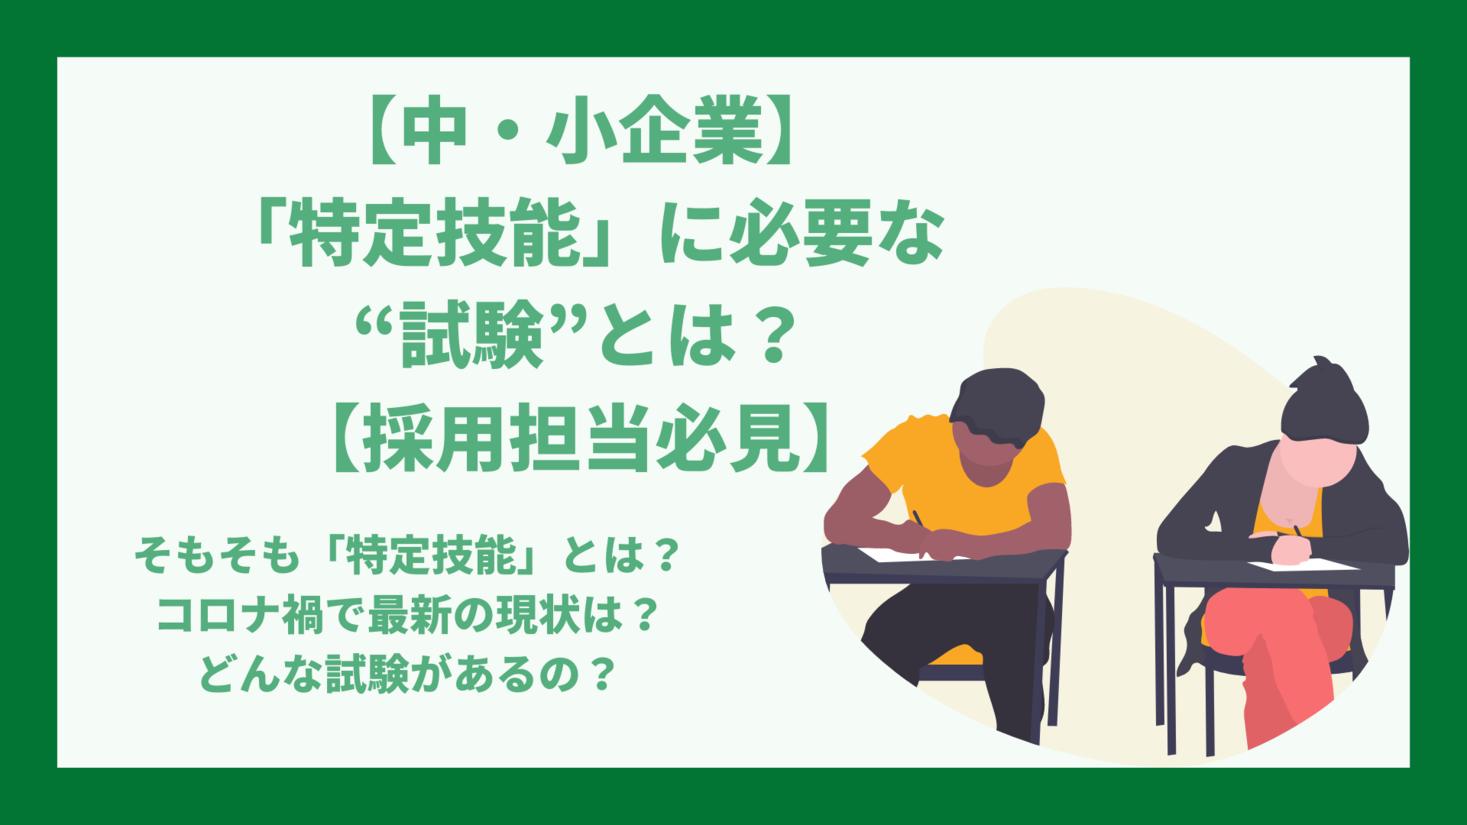 """【中小企業の採用なら必見】外国人の「特定技能」に必要な""""試験""""とは? コロナの影響を受けて受け入れが進まない現状について解説します"""